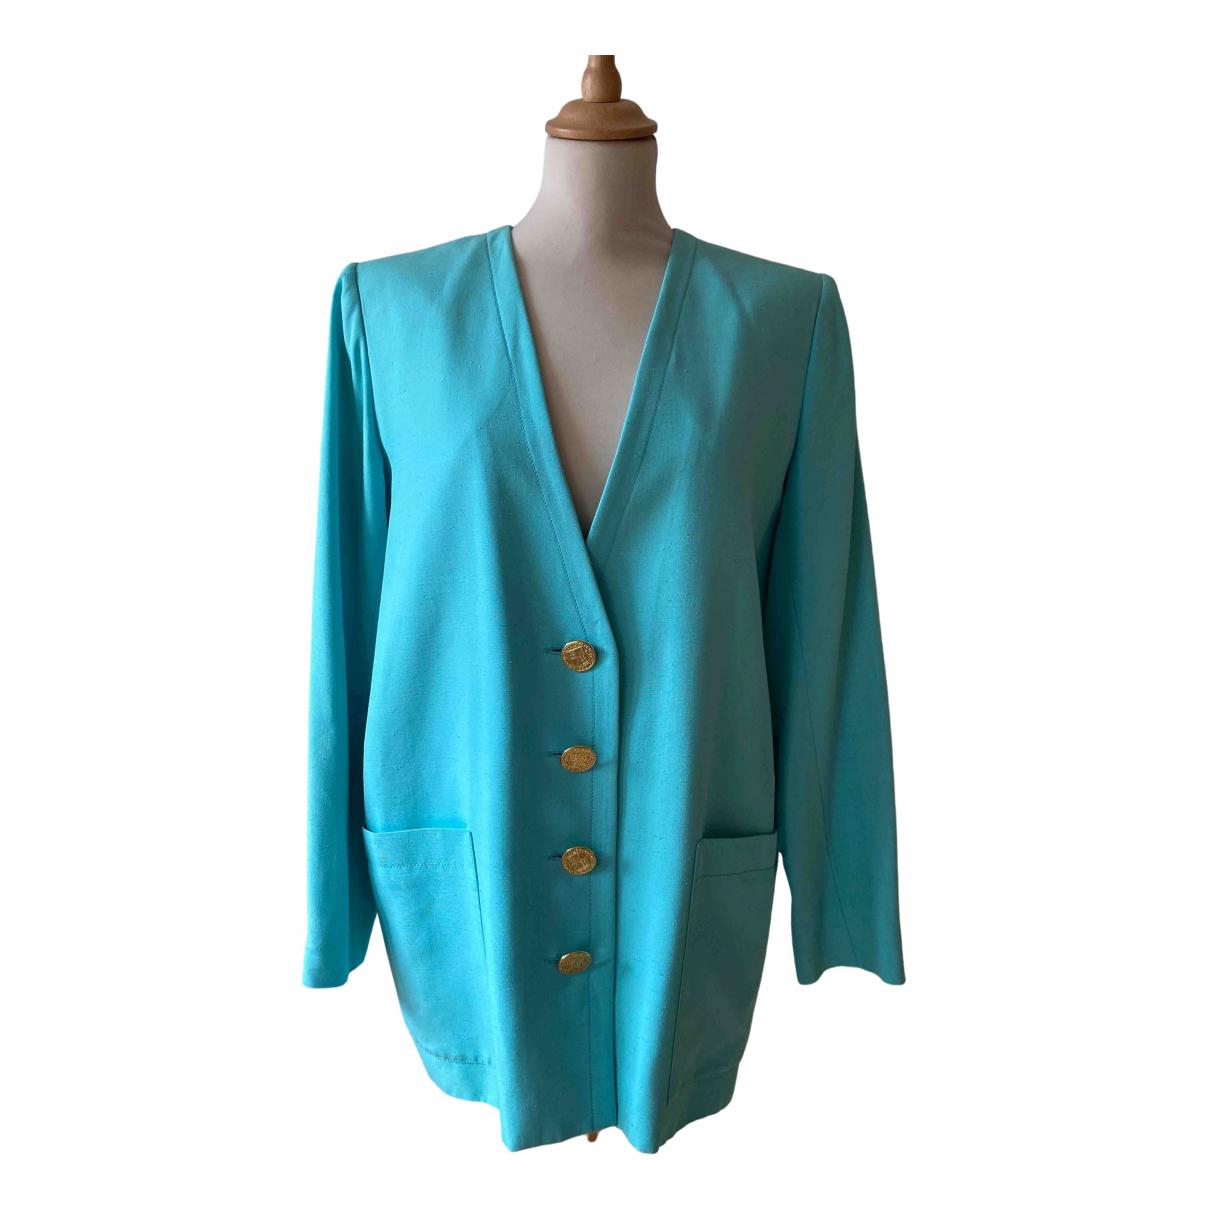 Yves Saint Laurent - Veste   pour femme en coton - turquoise